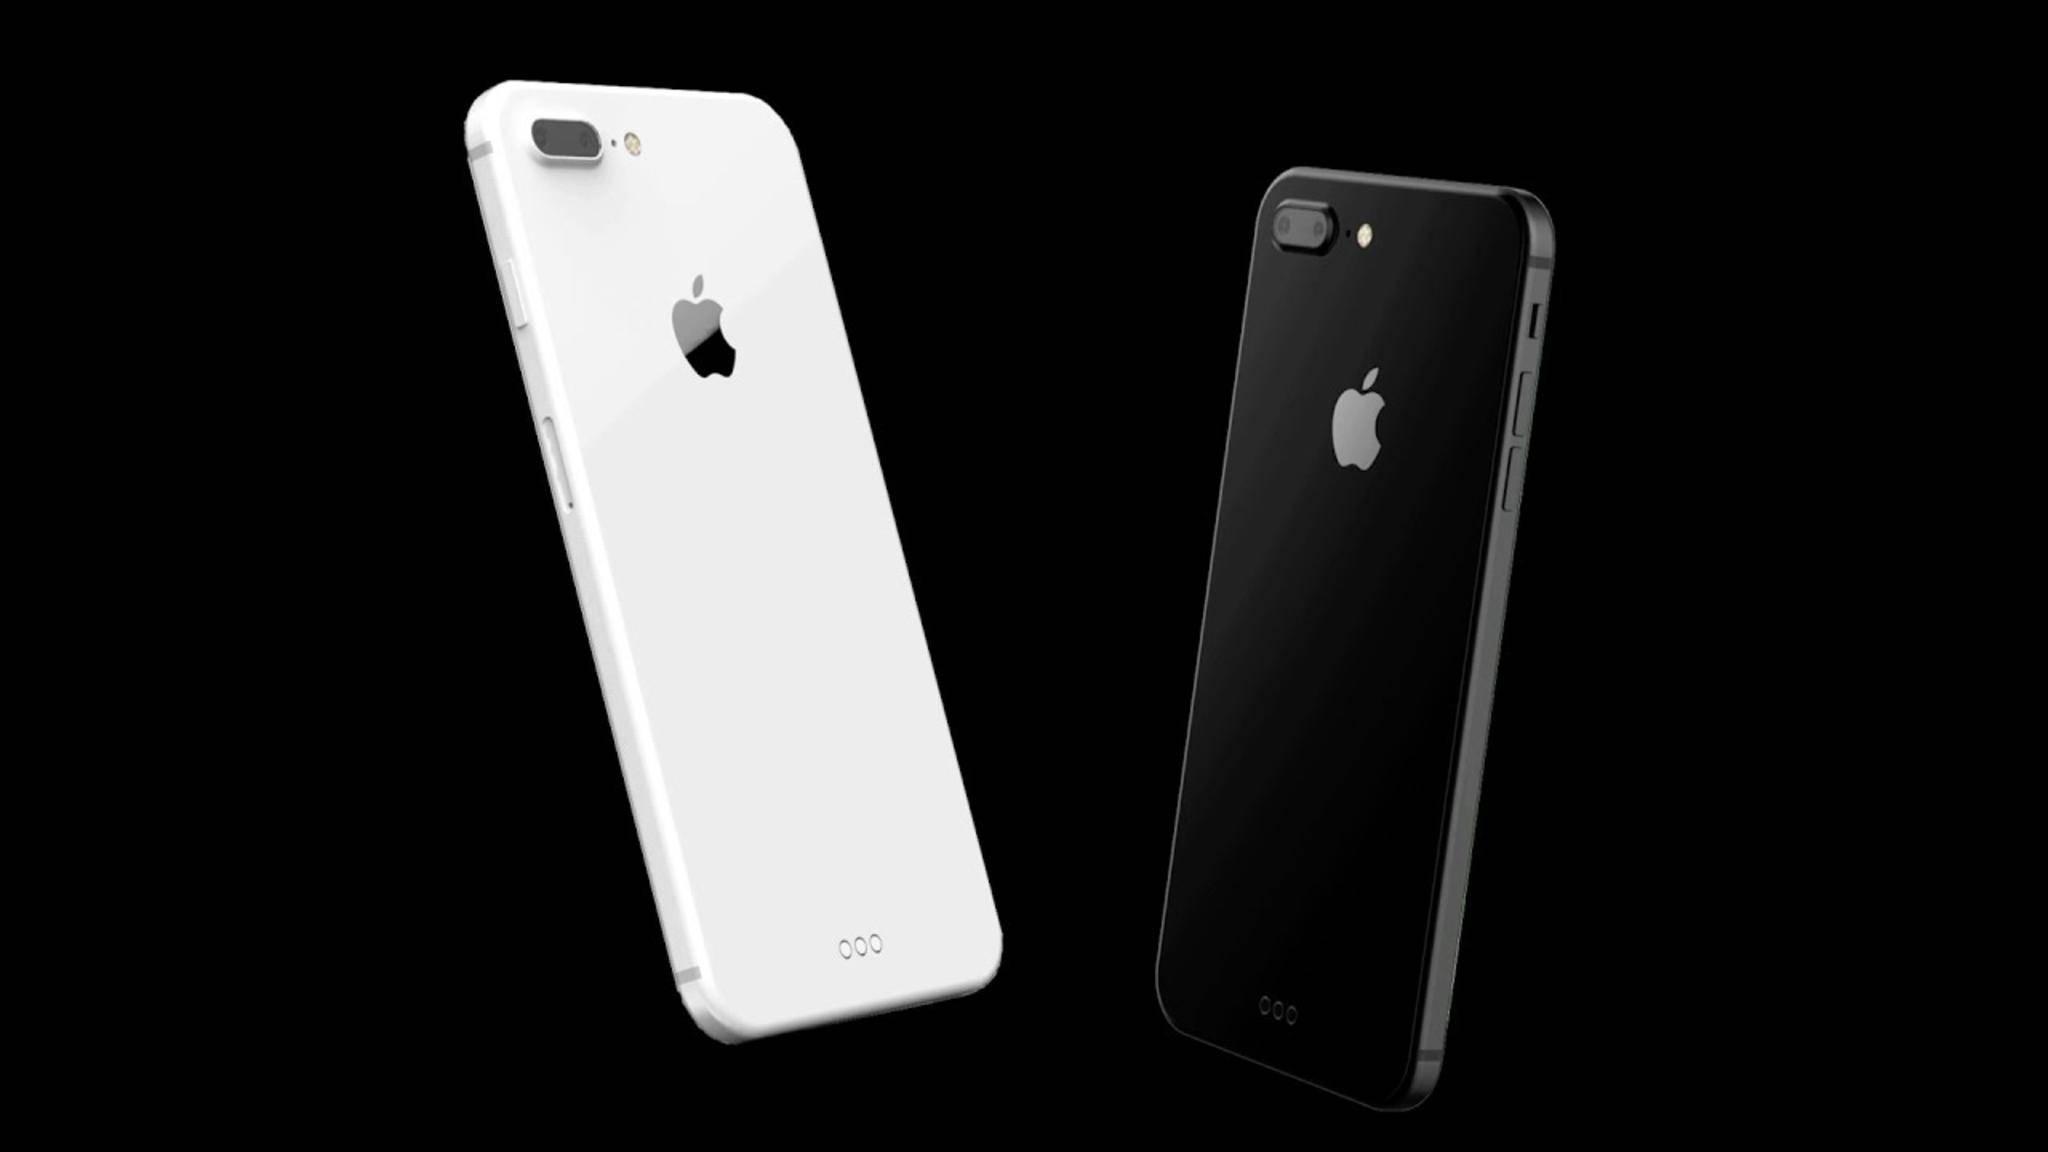 2017 sollen insgesamt drei iPhone-Modelle erscheinen – alle davon mit 3 GB RAM.